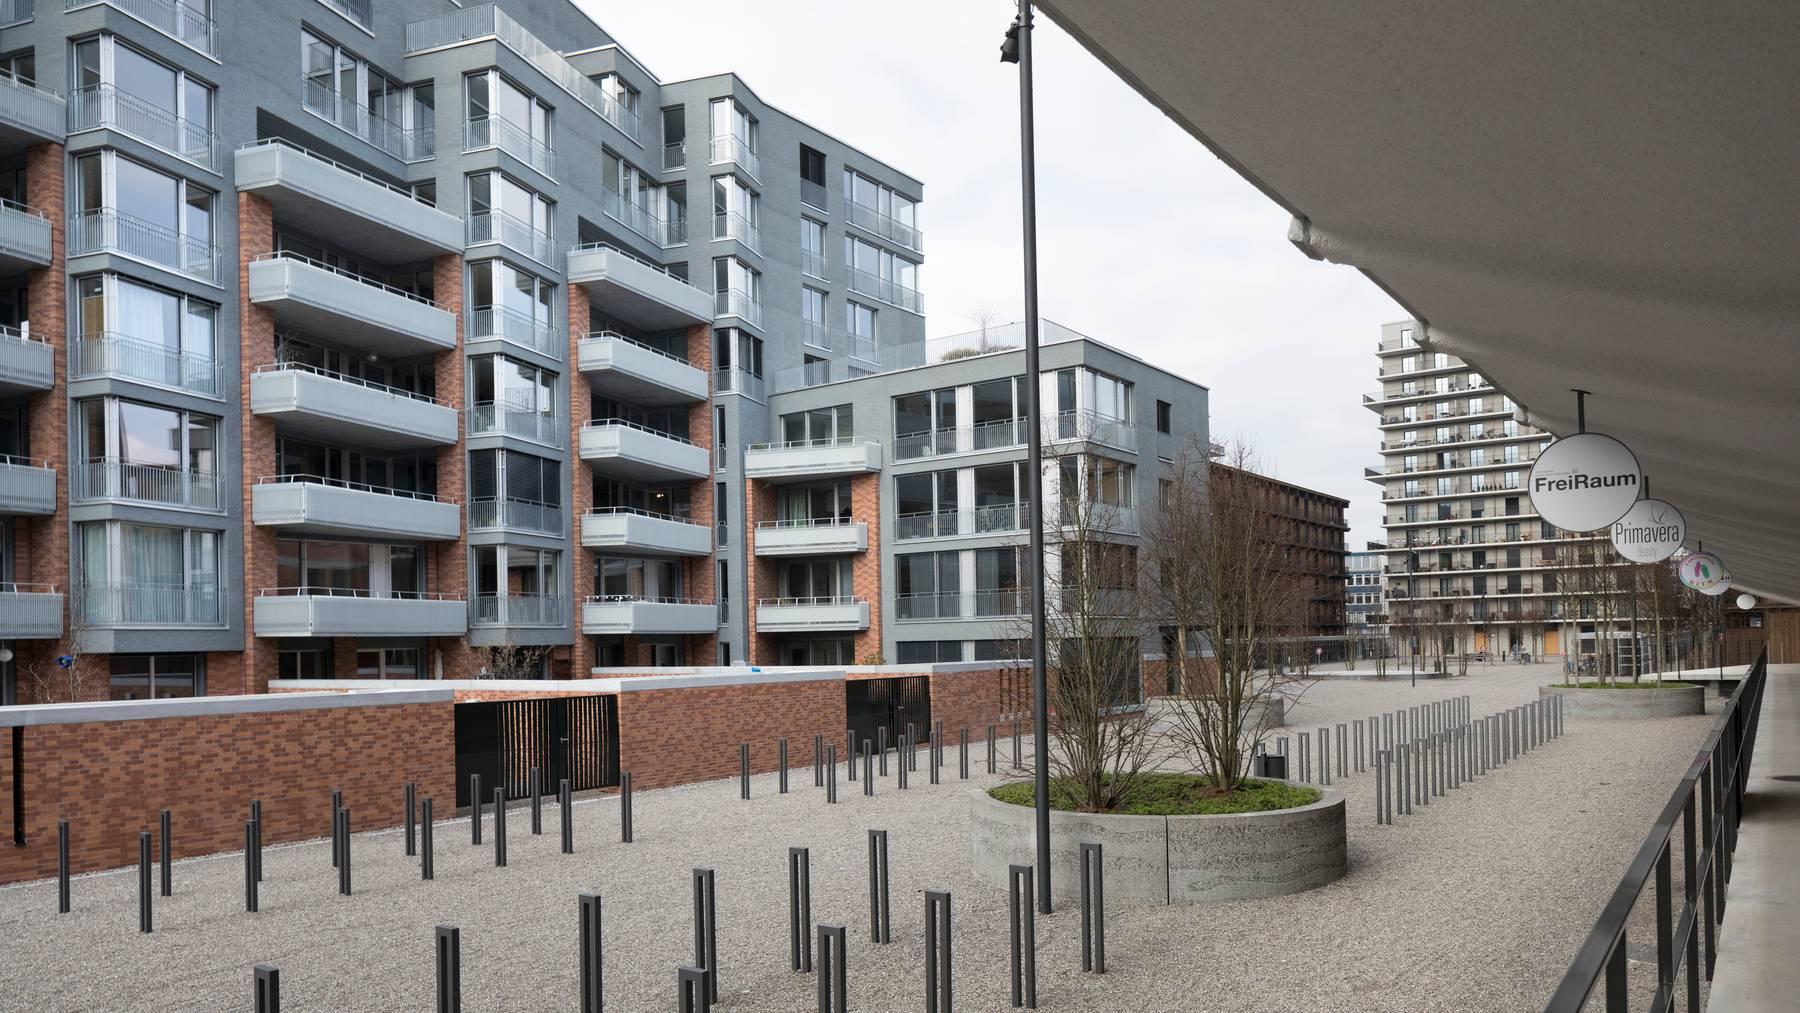 Die Immobiliennachfrage bleibt hoch, bei einer längeren Krise dürften die Preise auf dem Eigenheimmarkt aber nicht länger tragbar sein.